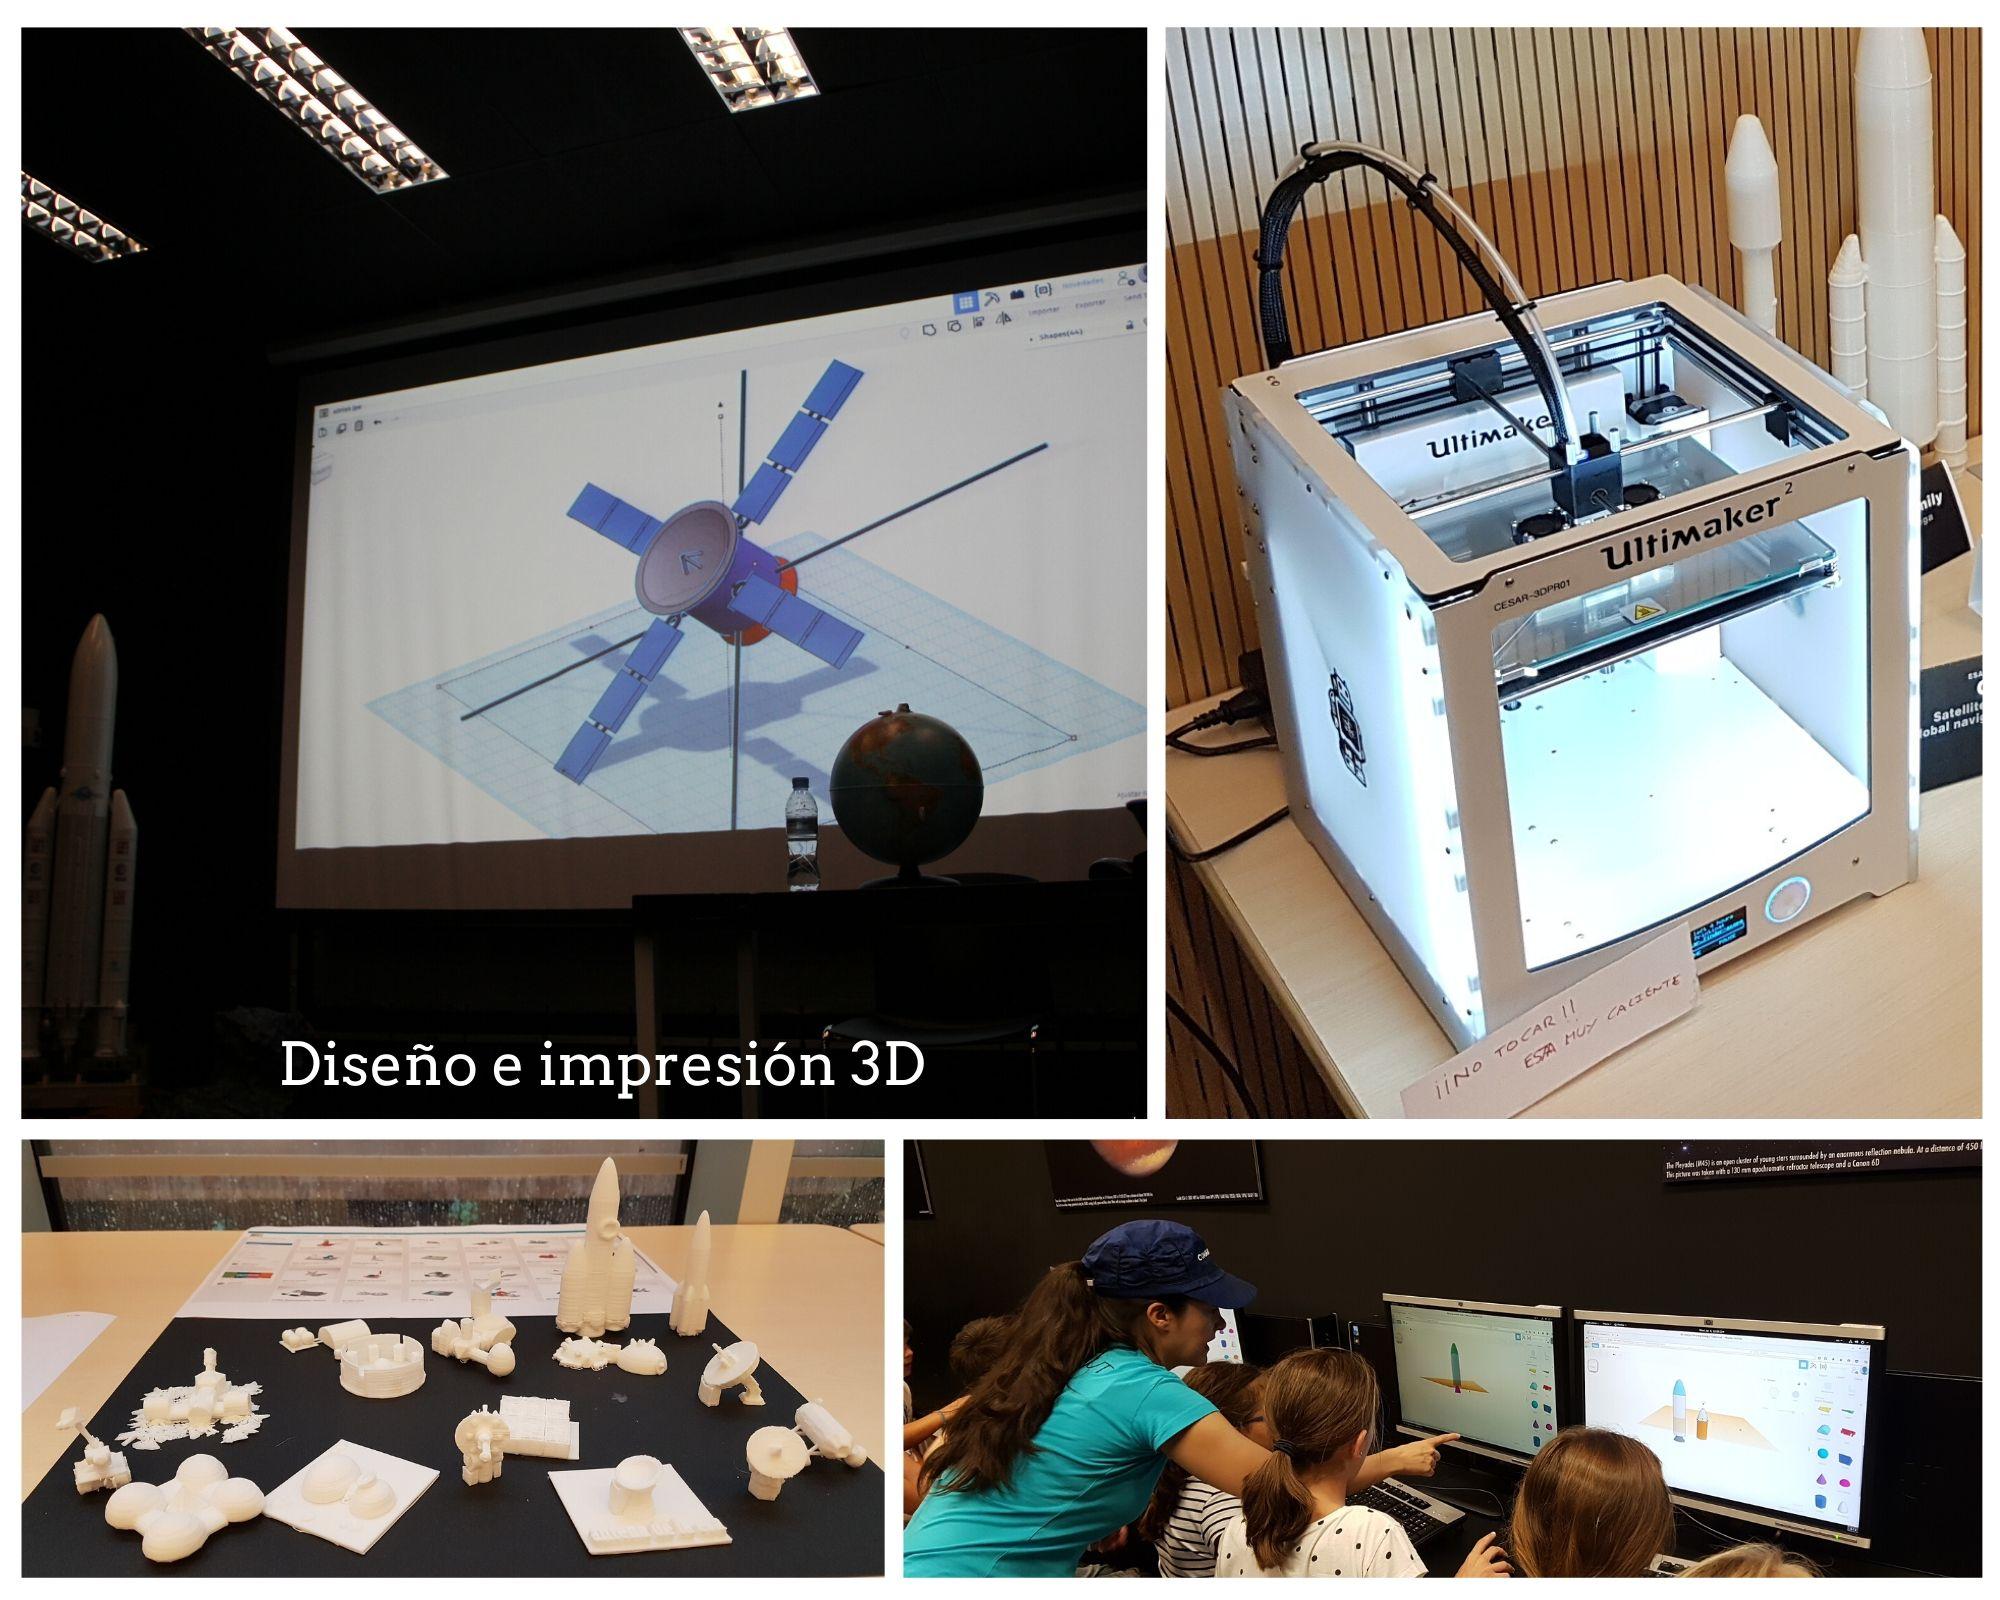 Diseño 3D e impresión 3D